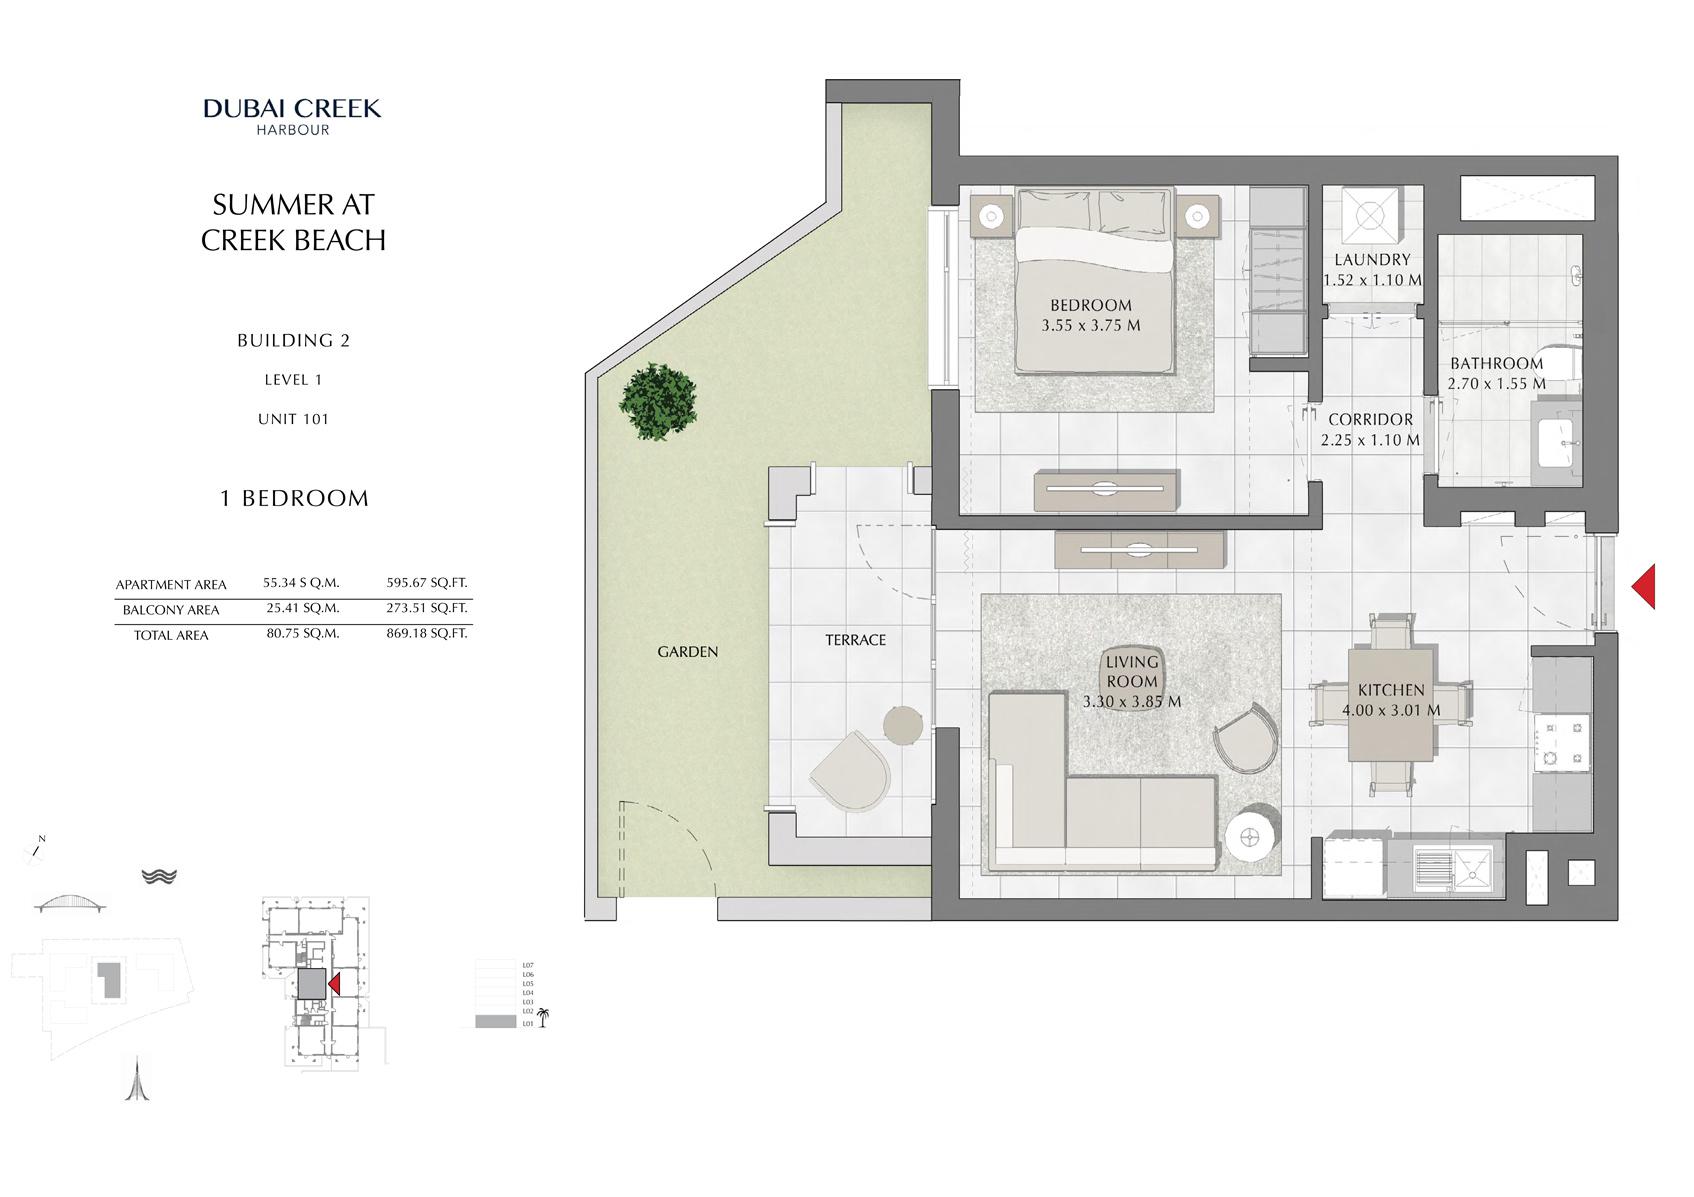 1 Br Building 2 Level 101 unit 1, Size 869 Sq Ft